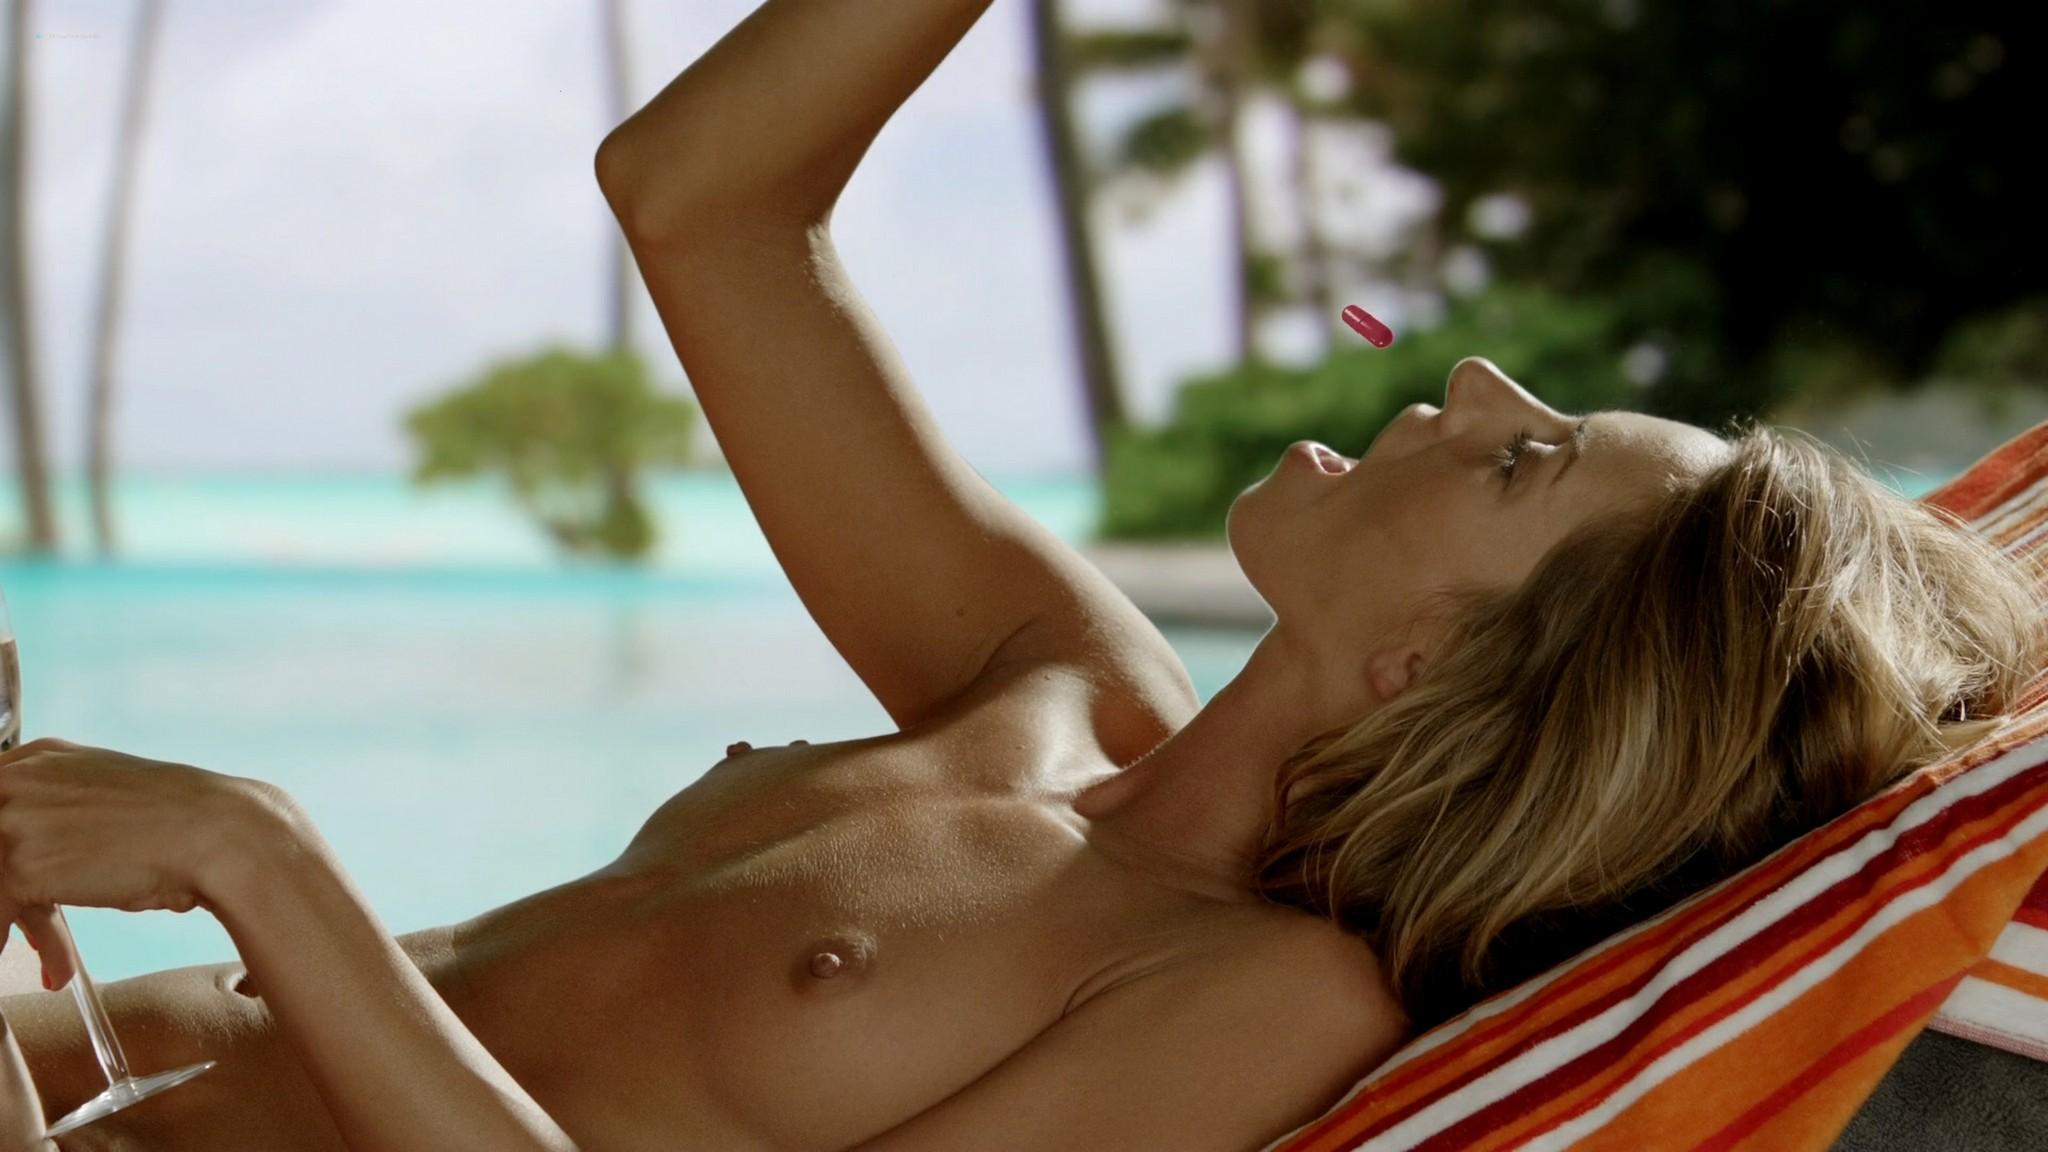 Kristen Bell hot sex Amy Landecker nude boobs House of Lies 2012 s1e3 4 1080p Web 3